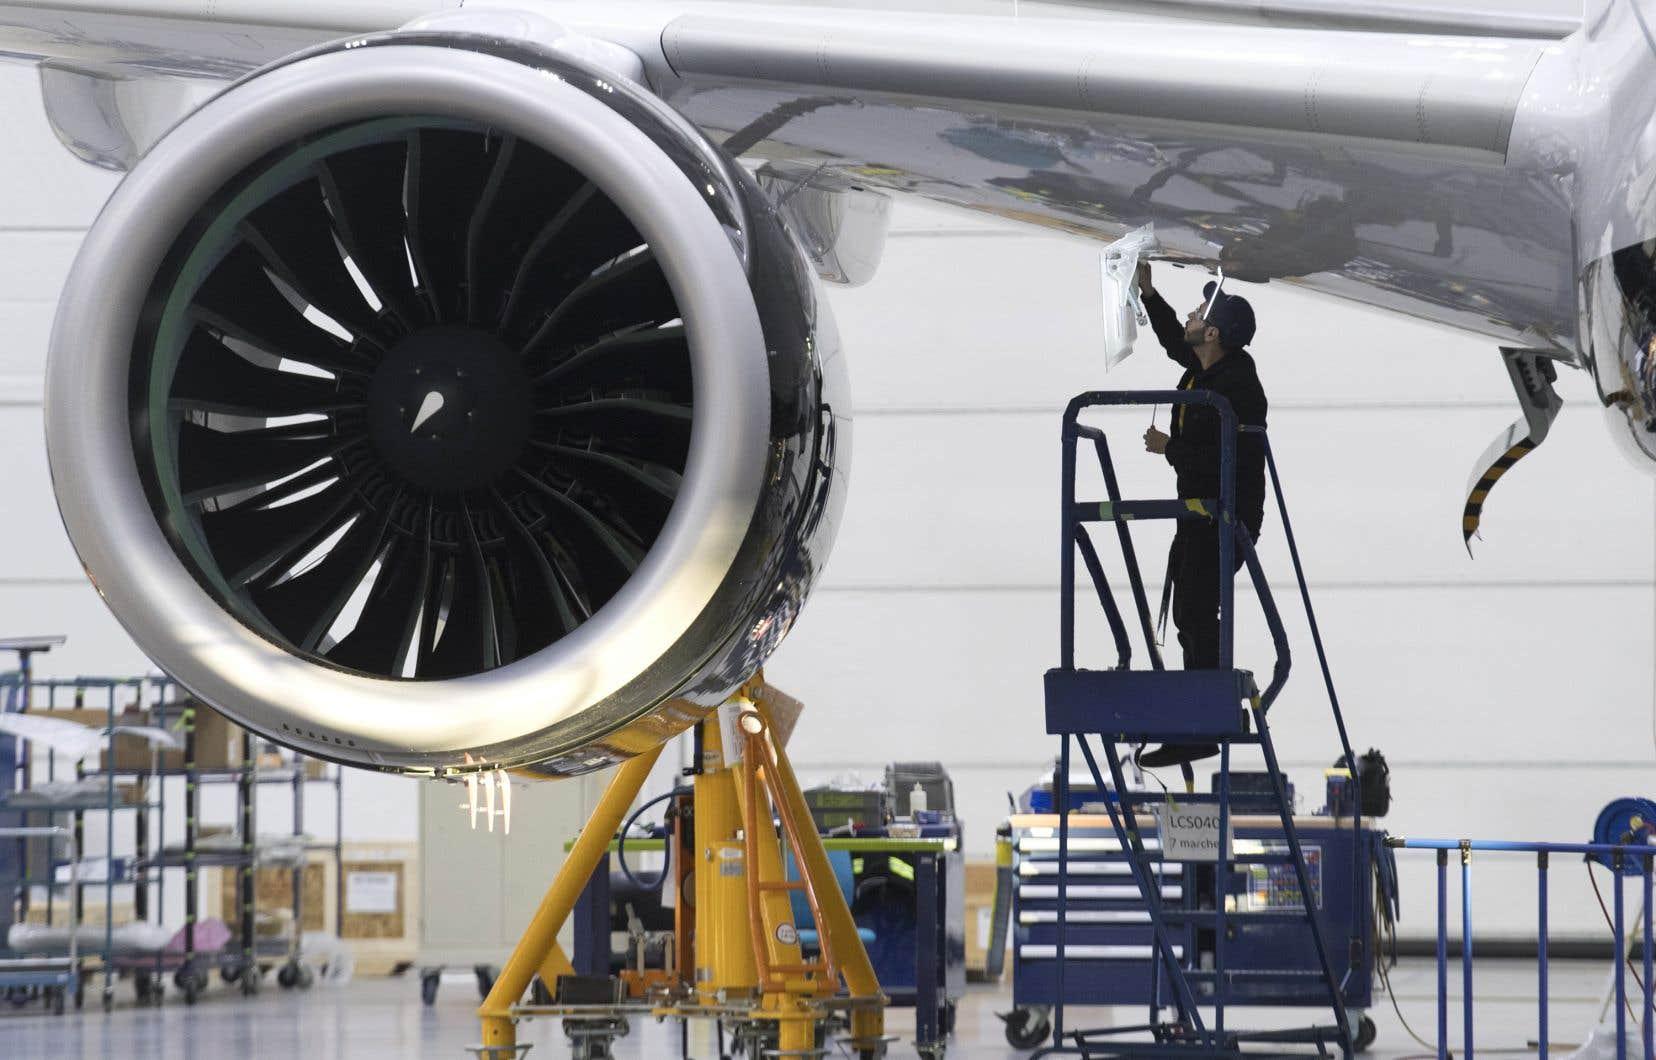 Airbus Canada contrôle l'A220 — l'ancien C Series de Bombardier —, des appareils assemblés à Mirabel (sur la photo), ainsi qu'à Mobile, en Alabama.